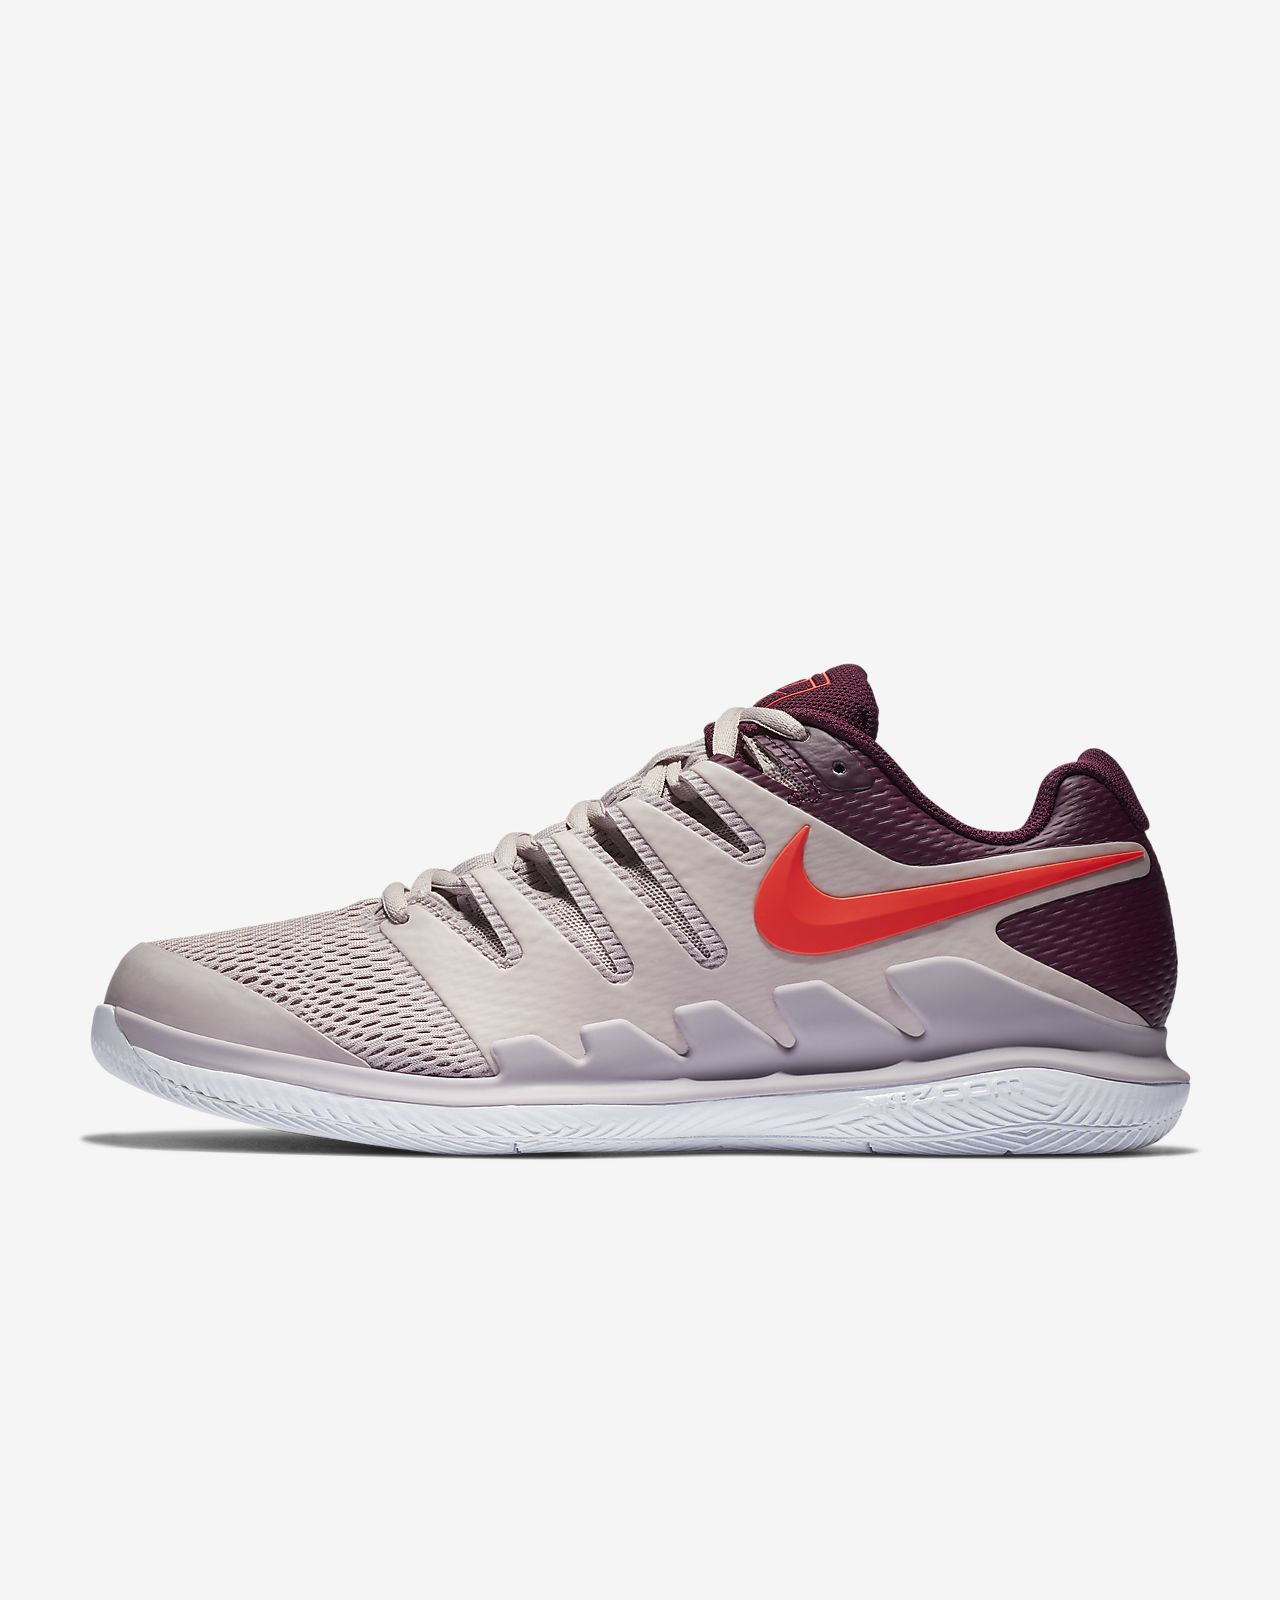 NikeCourt Air Zoom Vapor X Zapatillas de tenis de pista rápida - Hombre